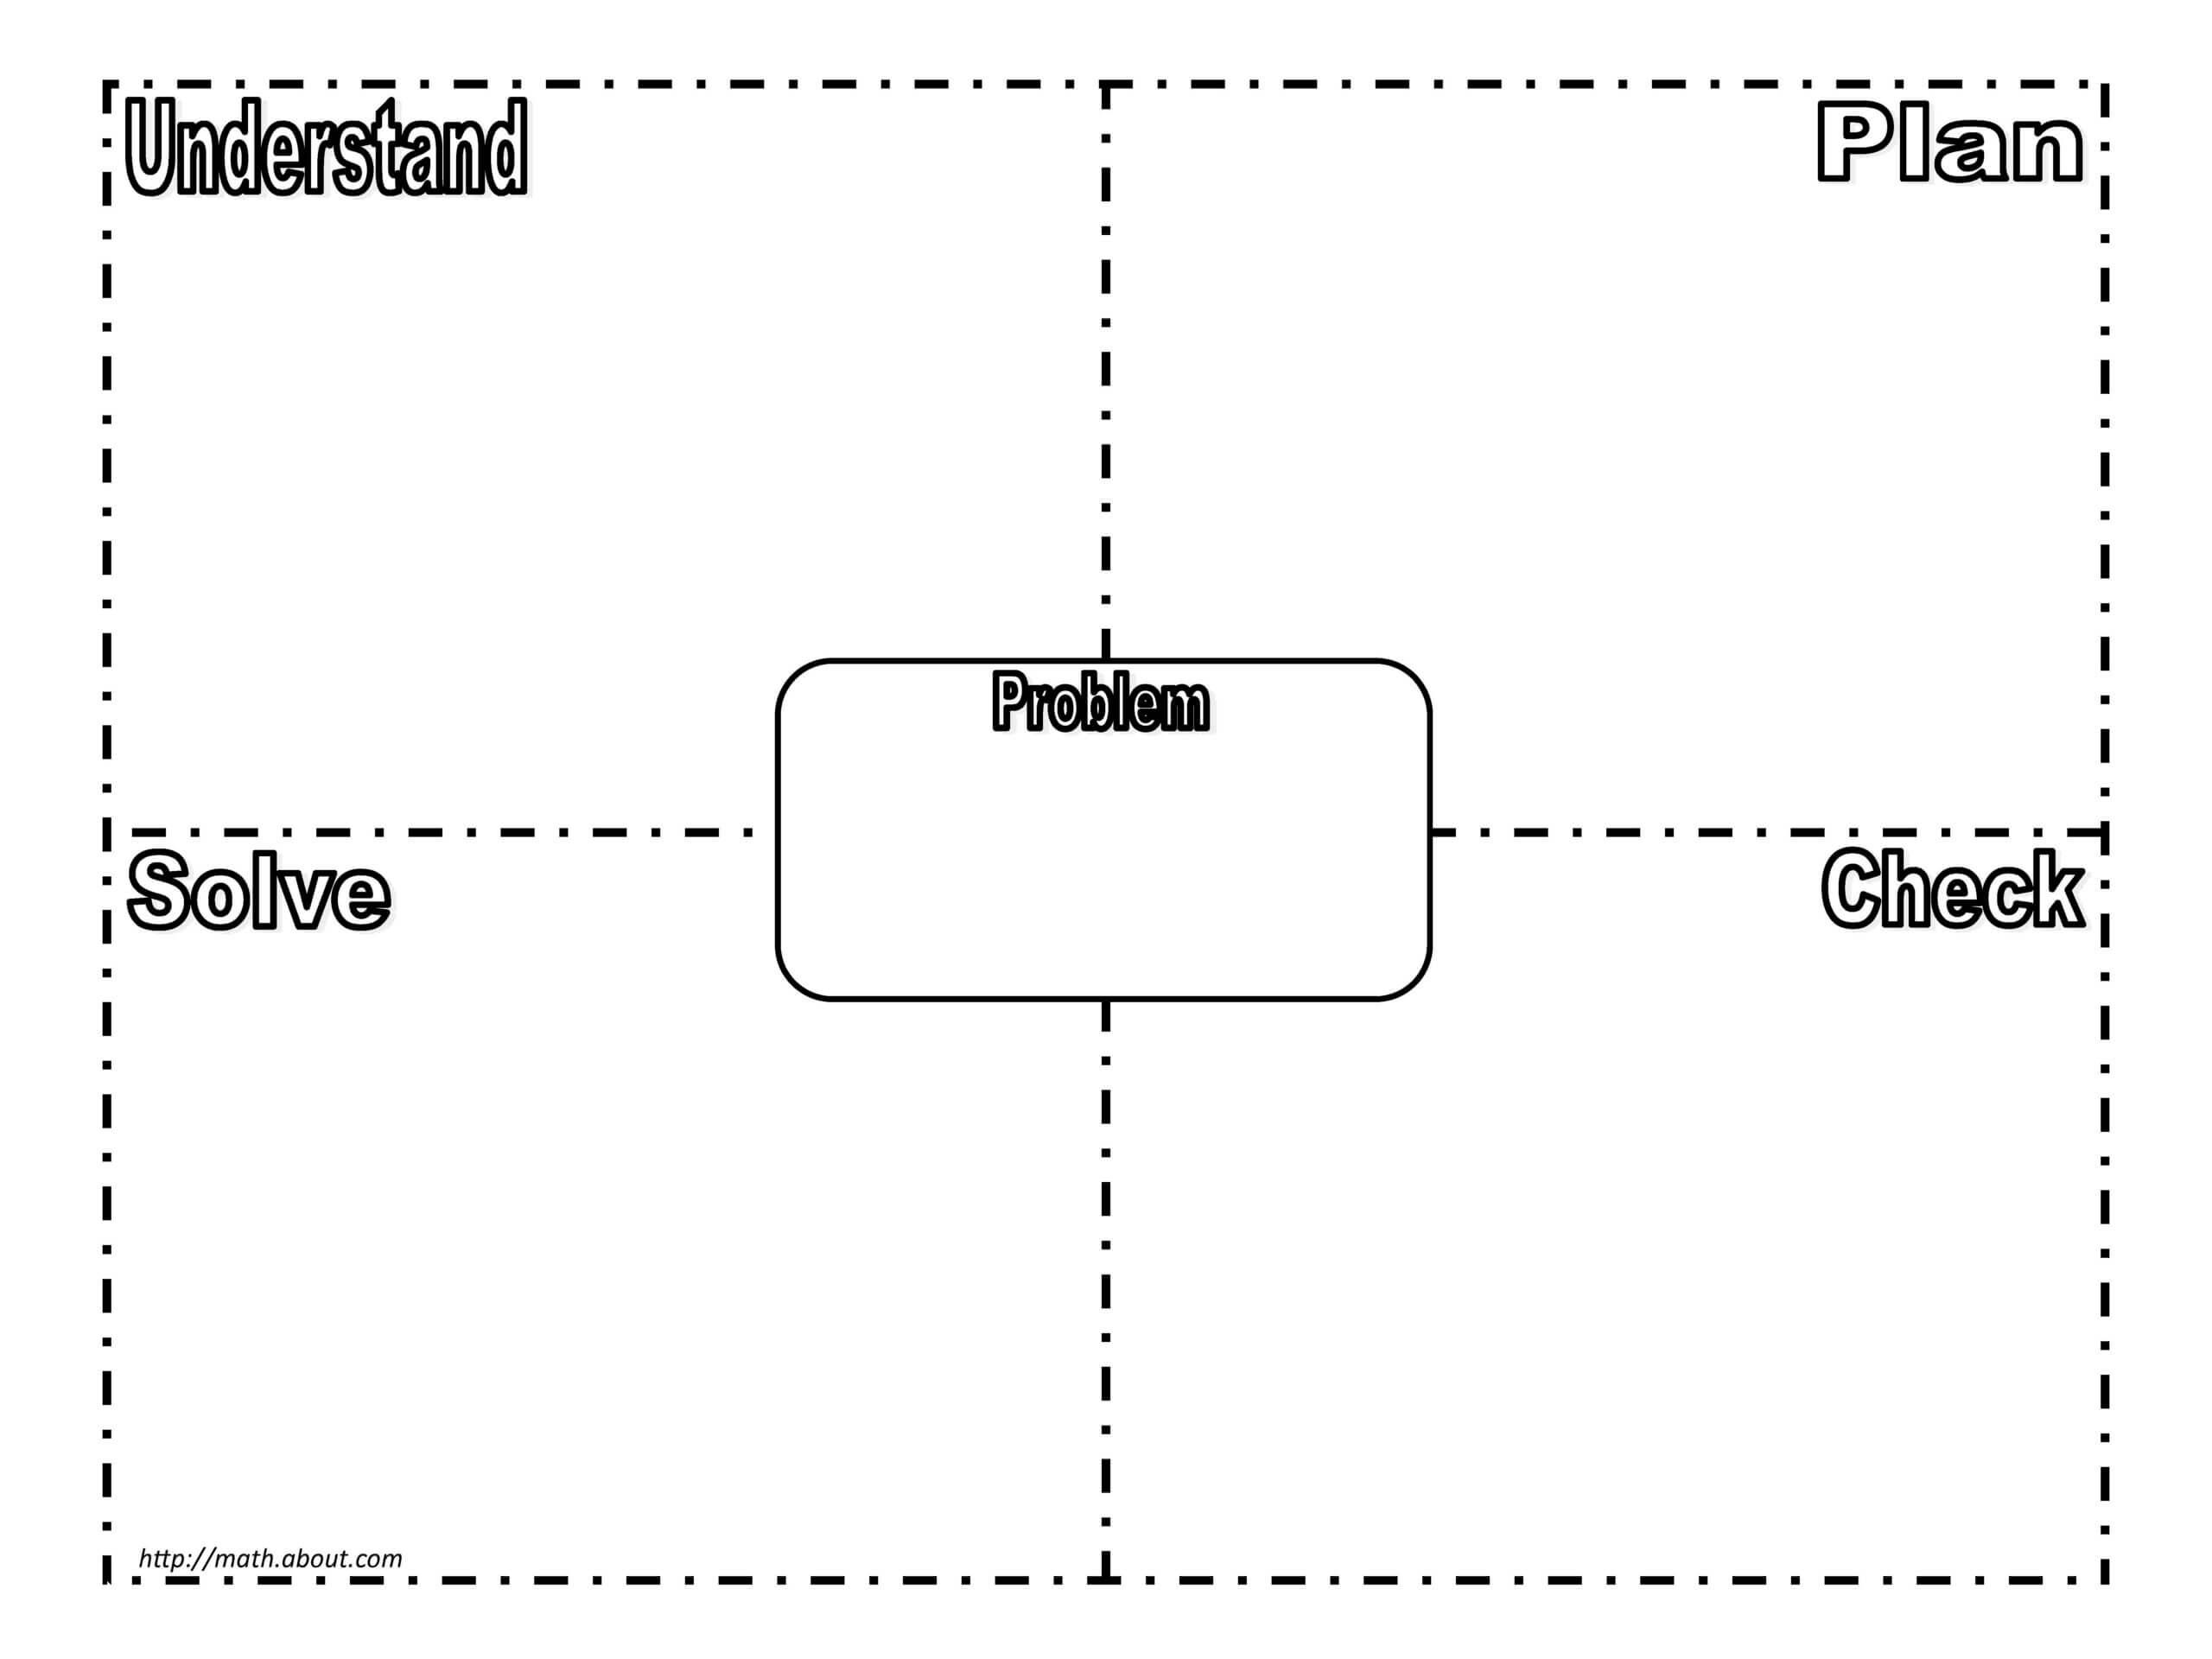 Using The Frayer Model For Problem Solving Inside Blank Frayer Model Template